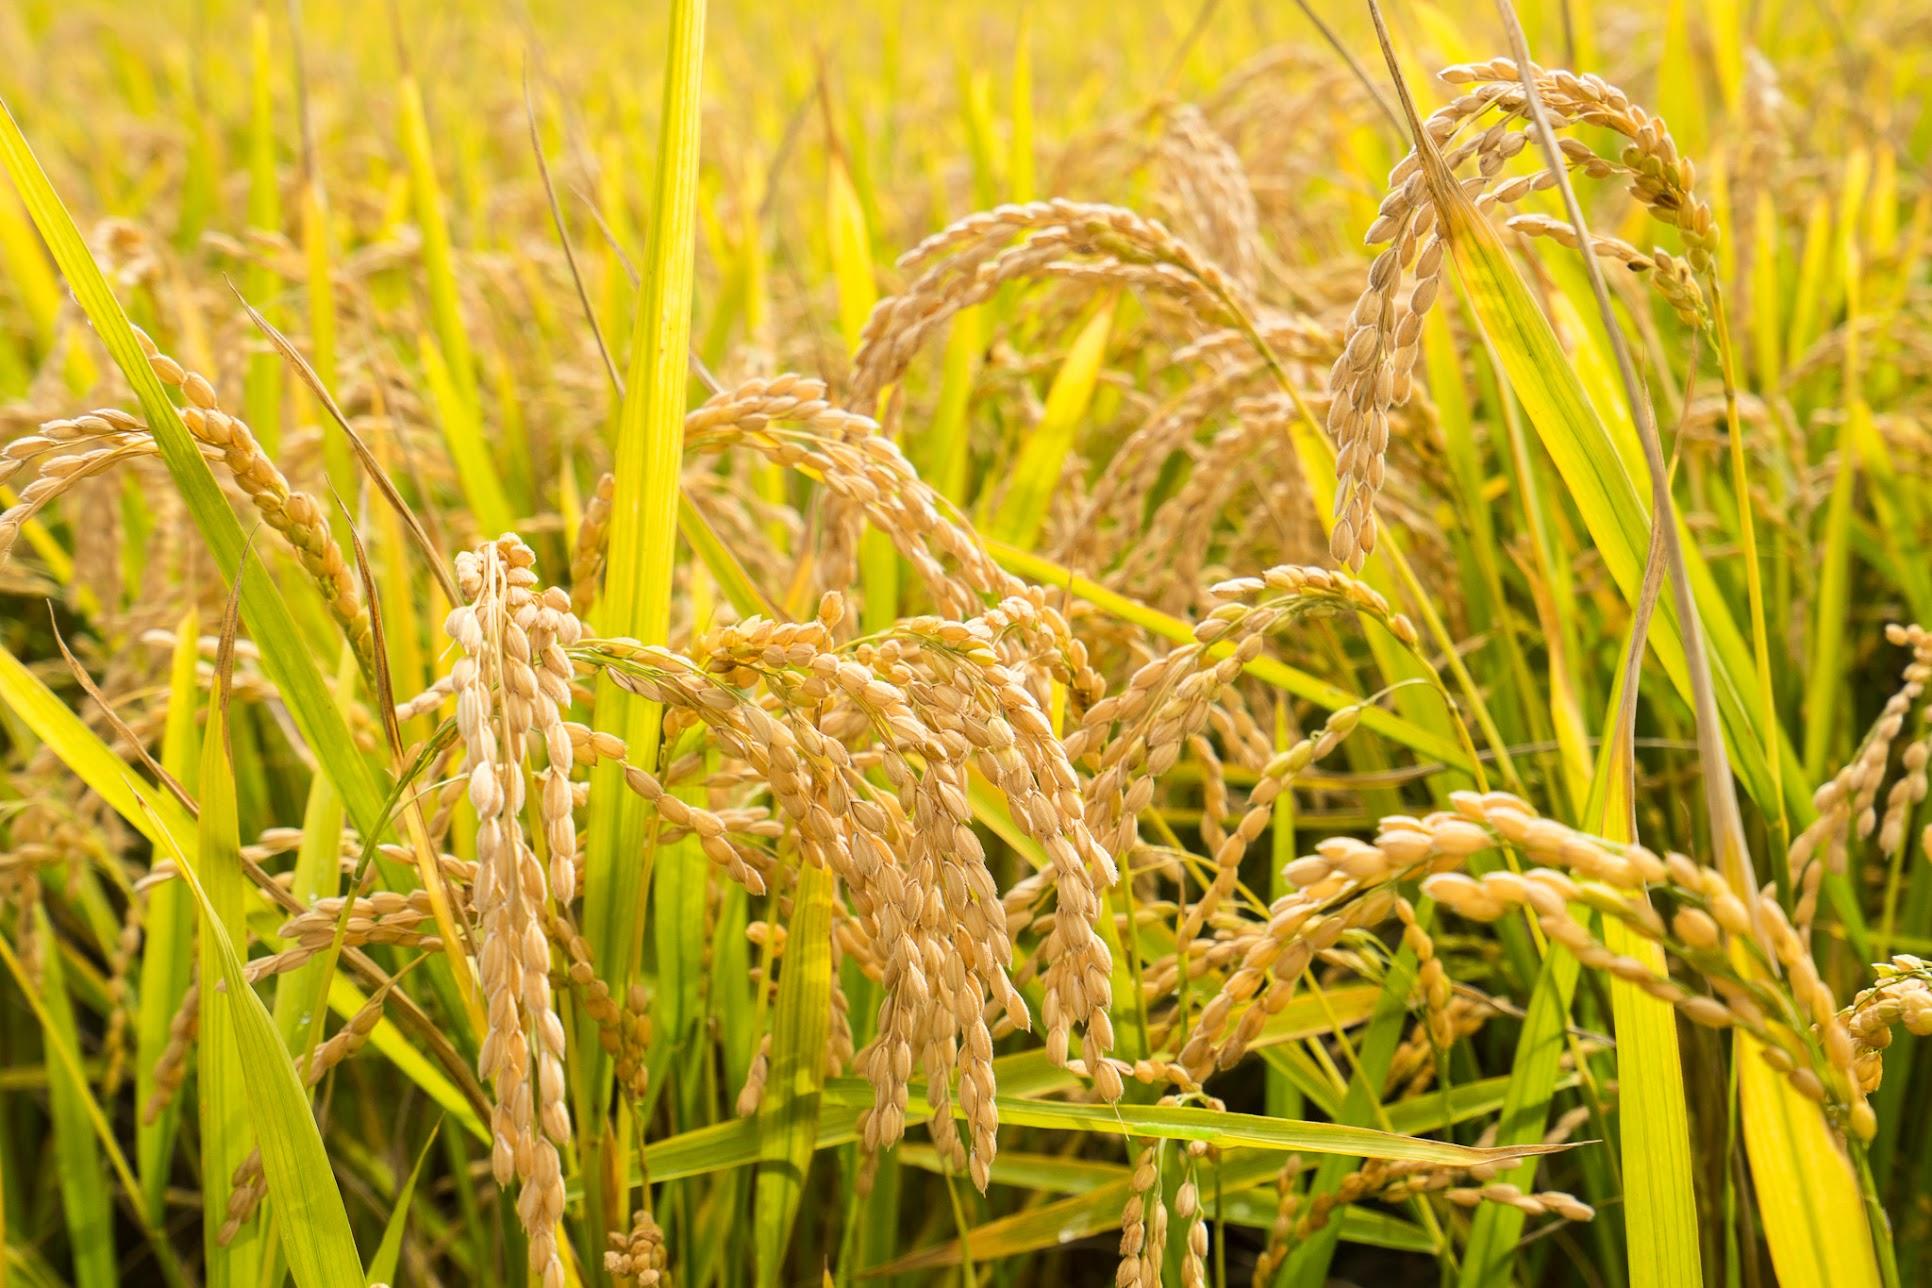 受け継がれていく先人の米作りの魂「国民の生命を守る農業の心」